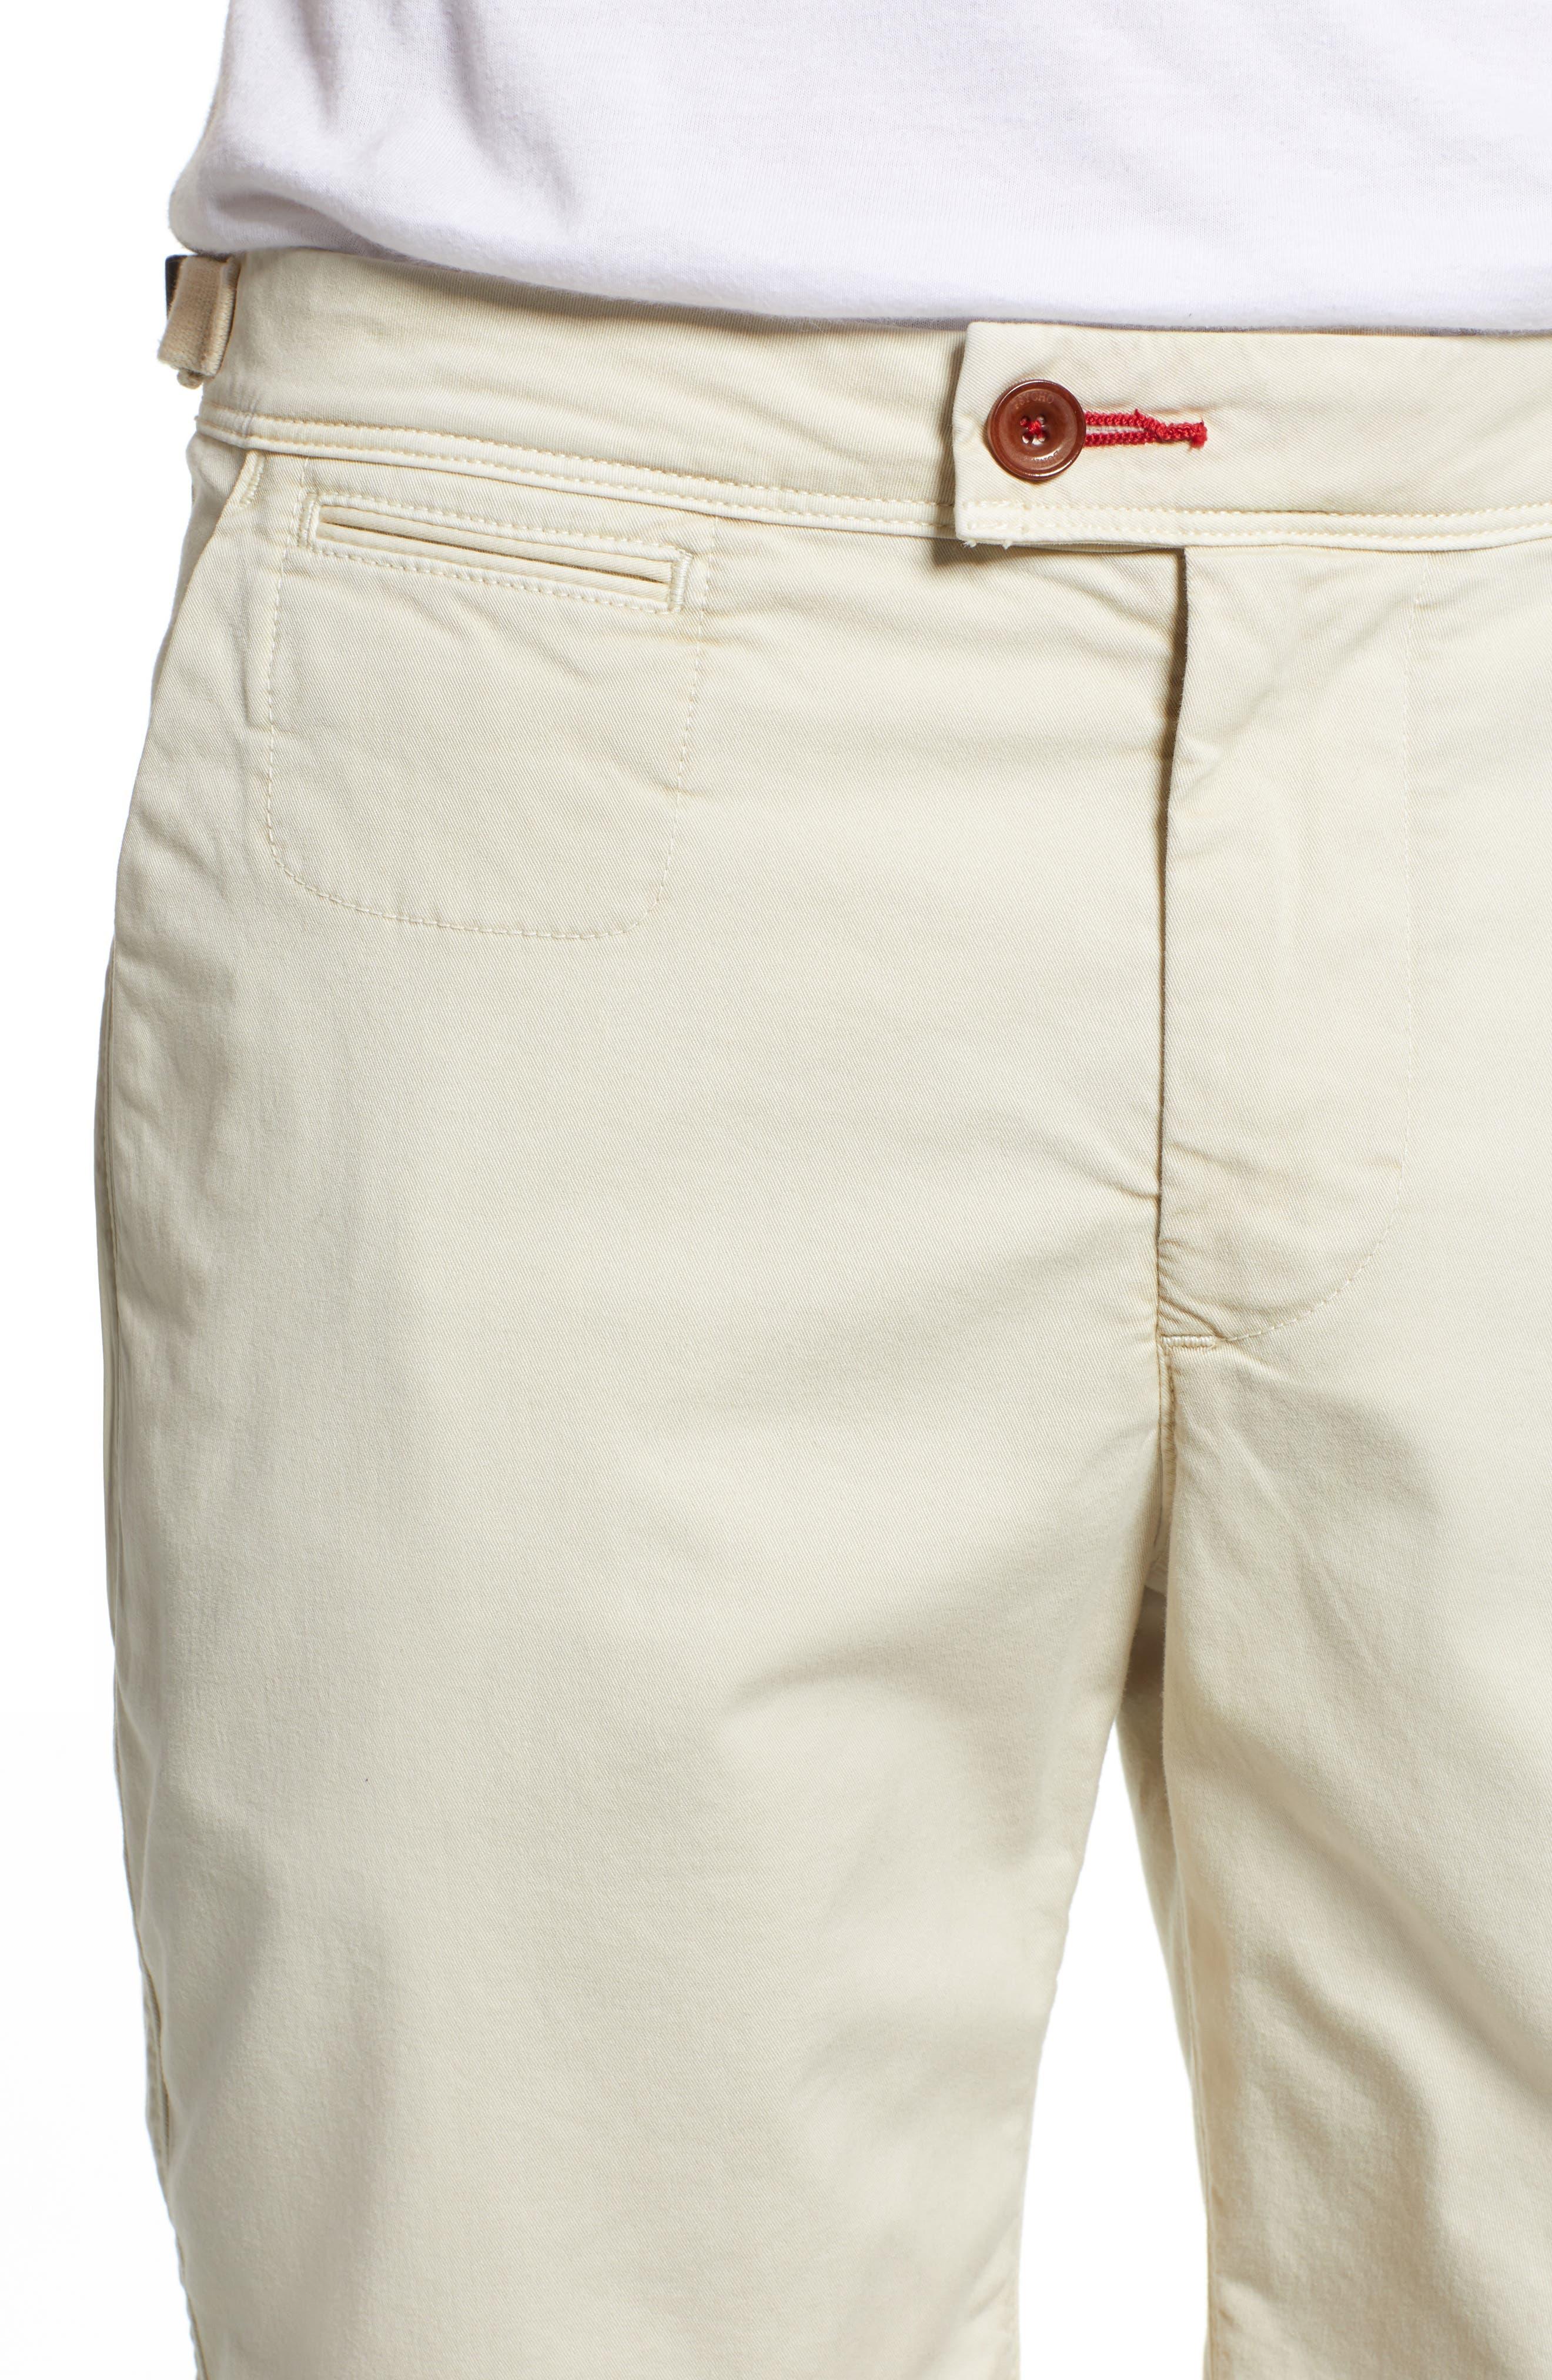 Triumph Shorts,                             Alternate thumbnail 4, color,                             130